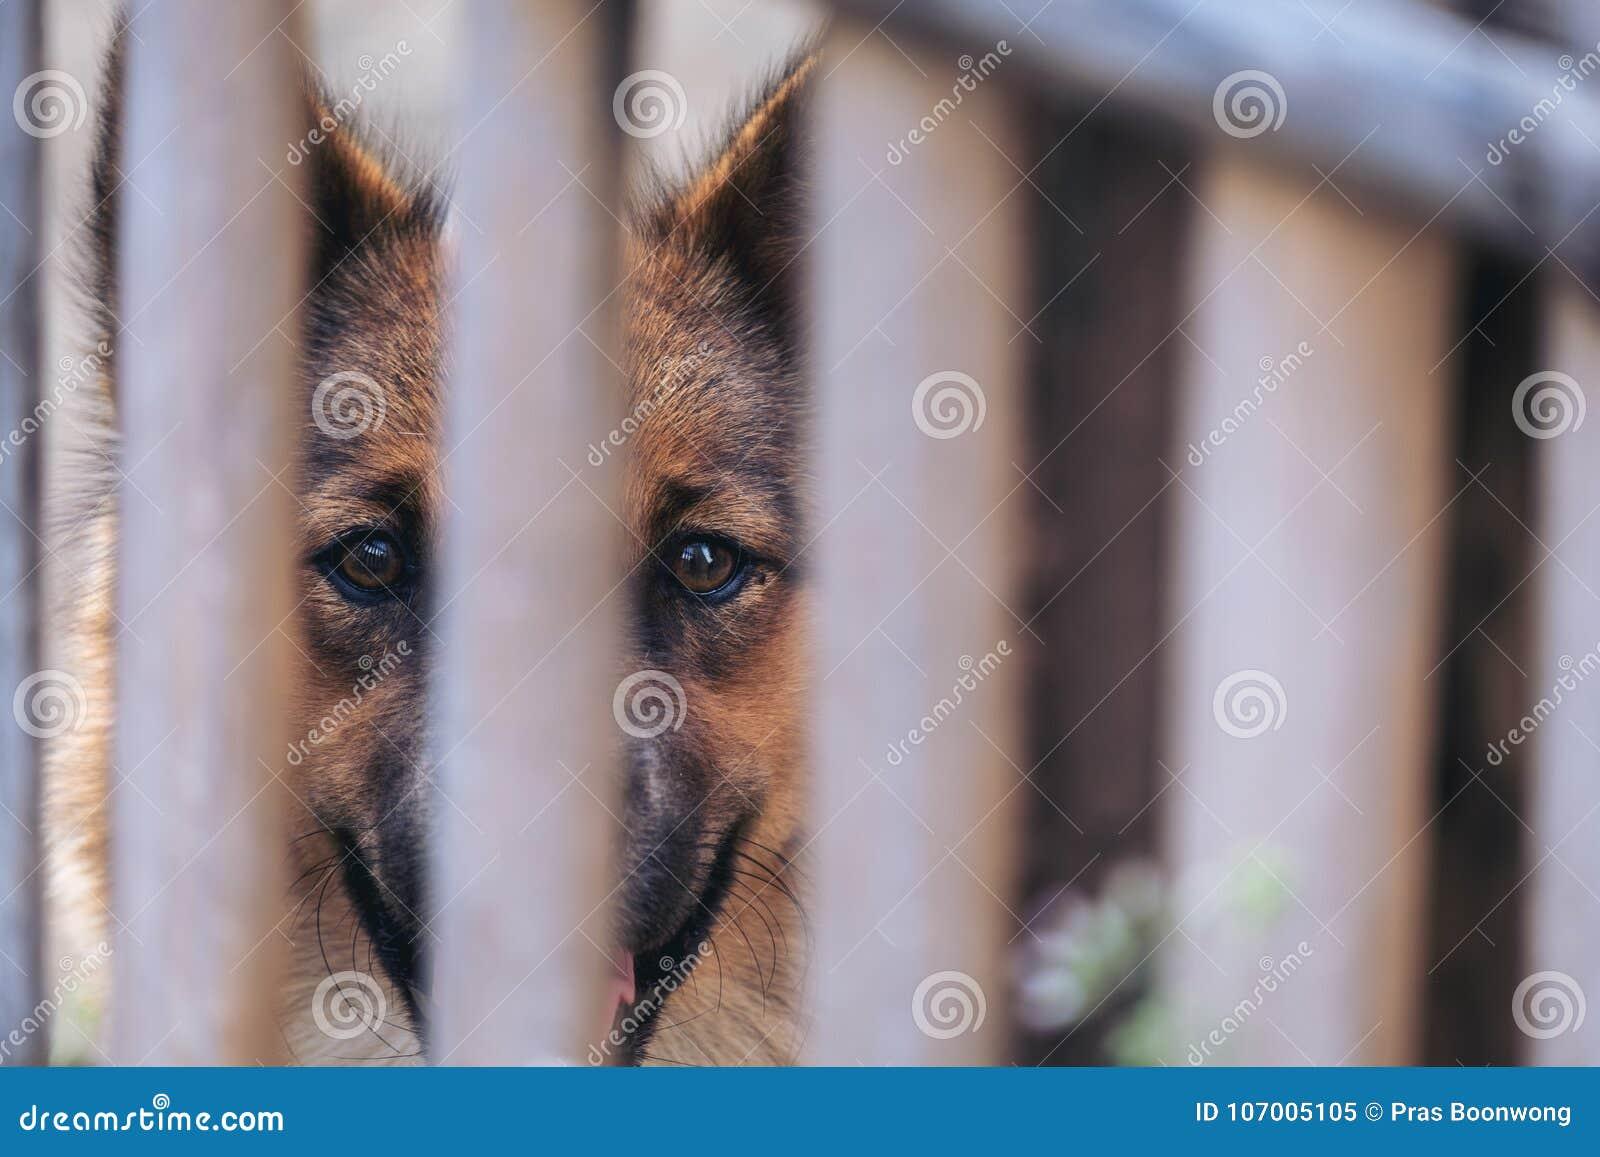 Close-upbeeld van een zwarte en bruine Thaise hond in een houten kooi